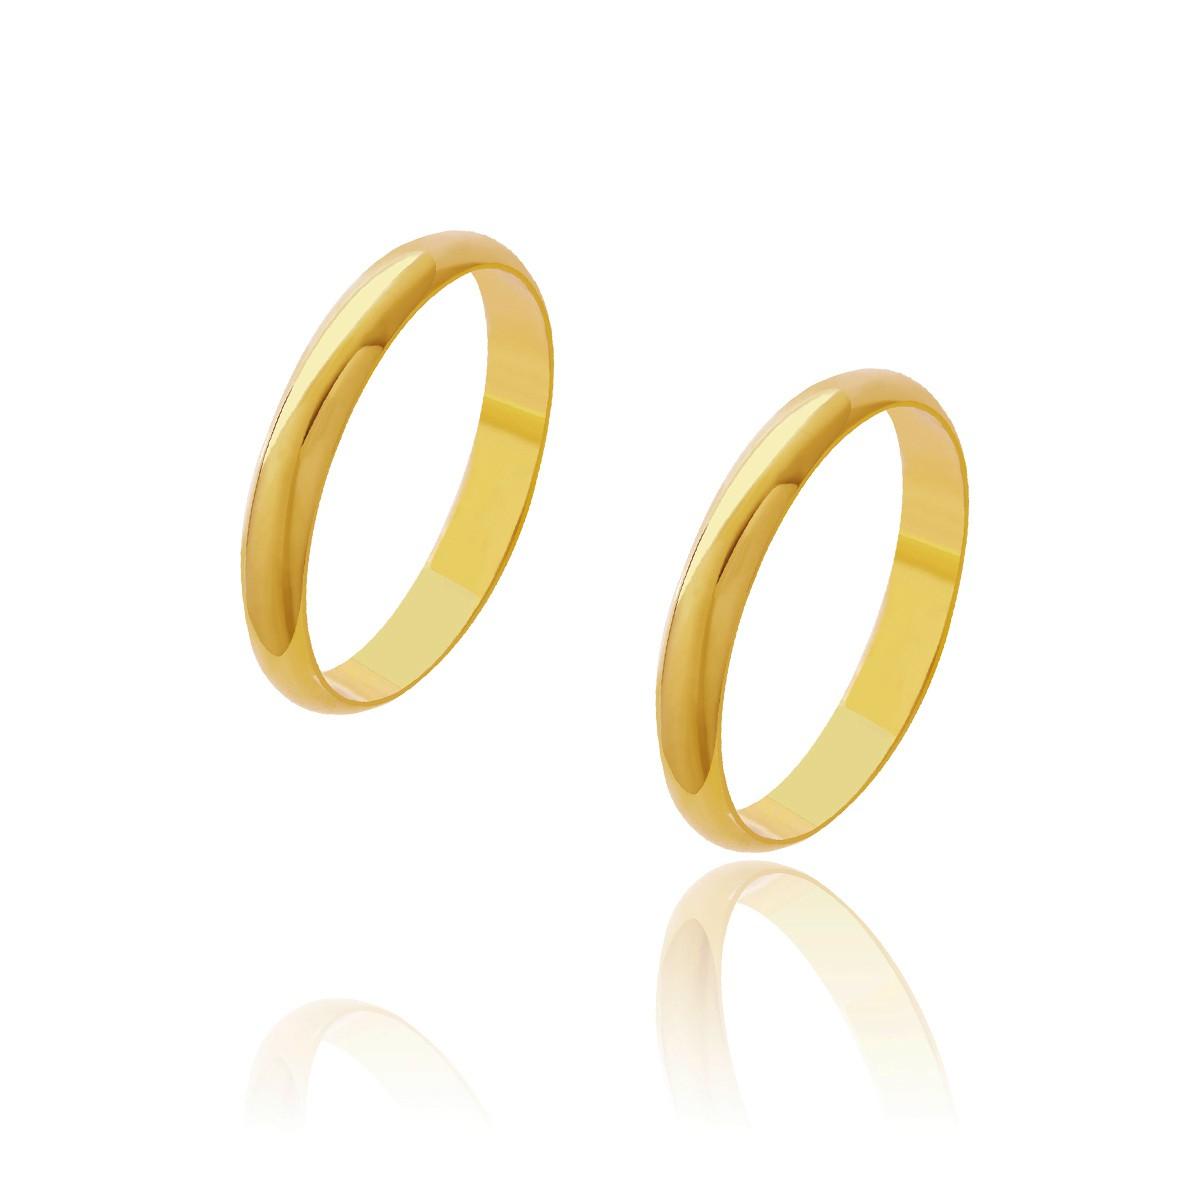 Par de Alianças de Casamento Diana Ouro Abaulada Lisa 3,2mm 6,4g